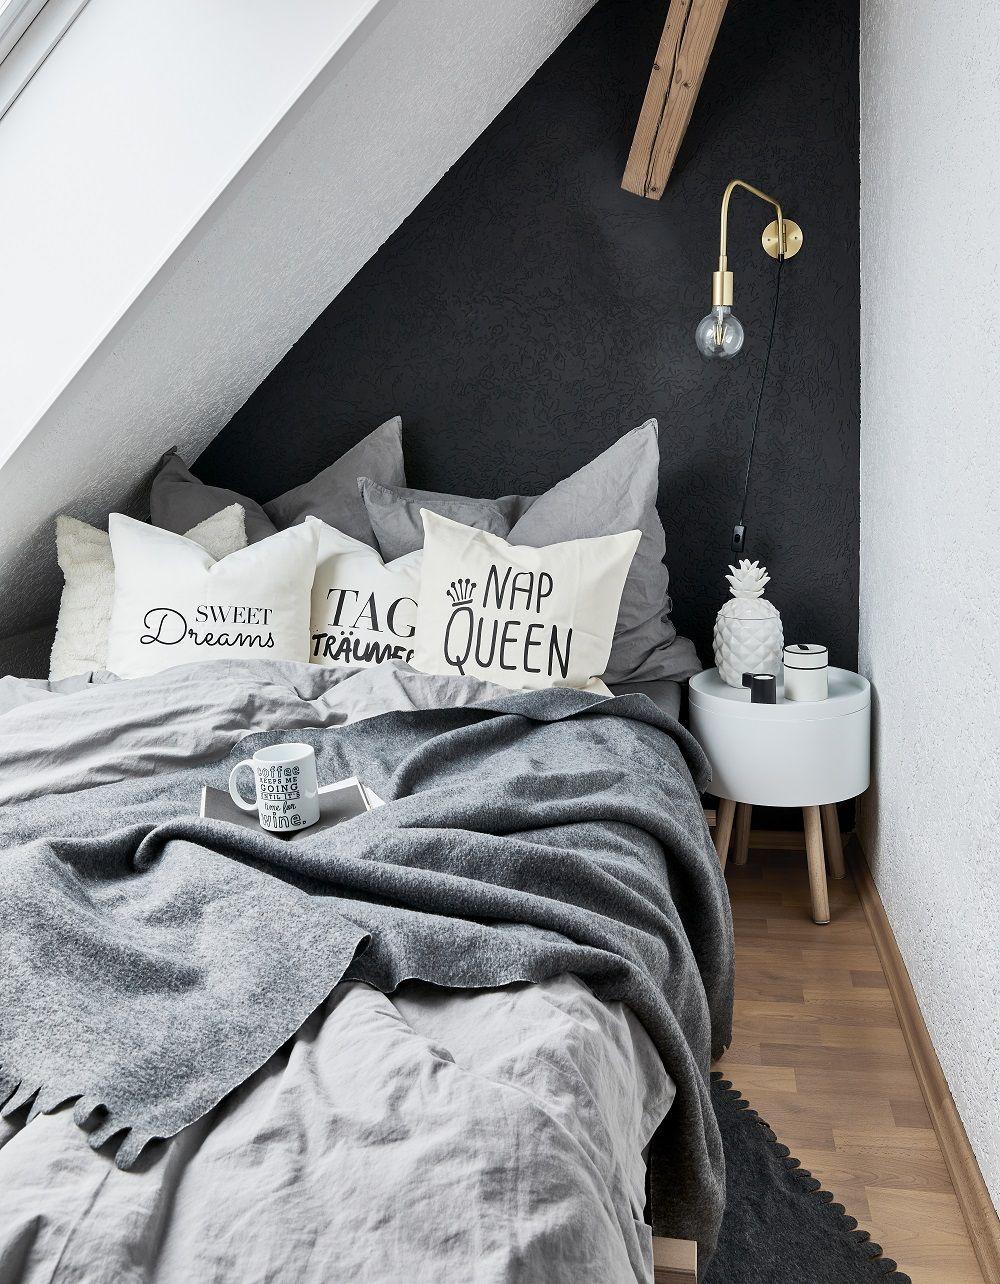 Mit Der Dunklen Wand Ist Ein Wohnliches Highlight Im Schlafzimmer  Garantiert, Wobei Die Weißen Kissen Und Die Graue Bettwäsche Willow Für Den  Perfekten ...